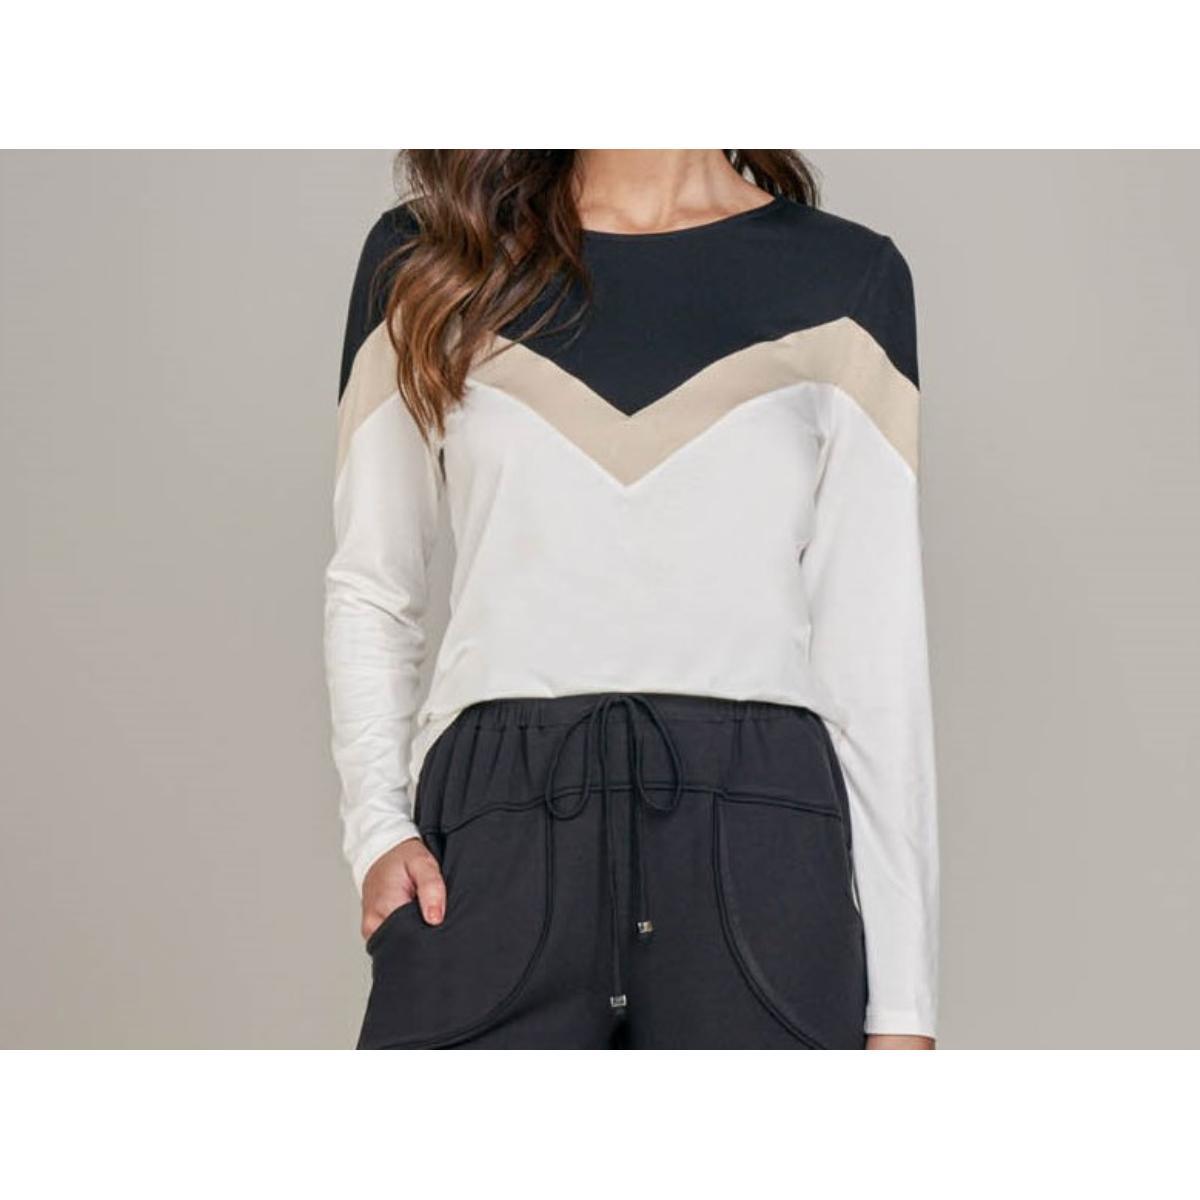 Blusa Feminina Lado Avesso L115513 Off White/bege/preto